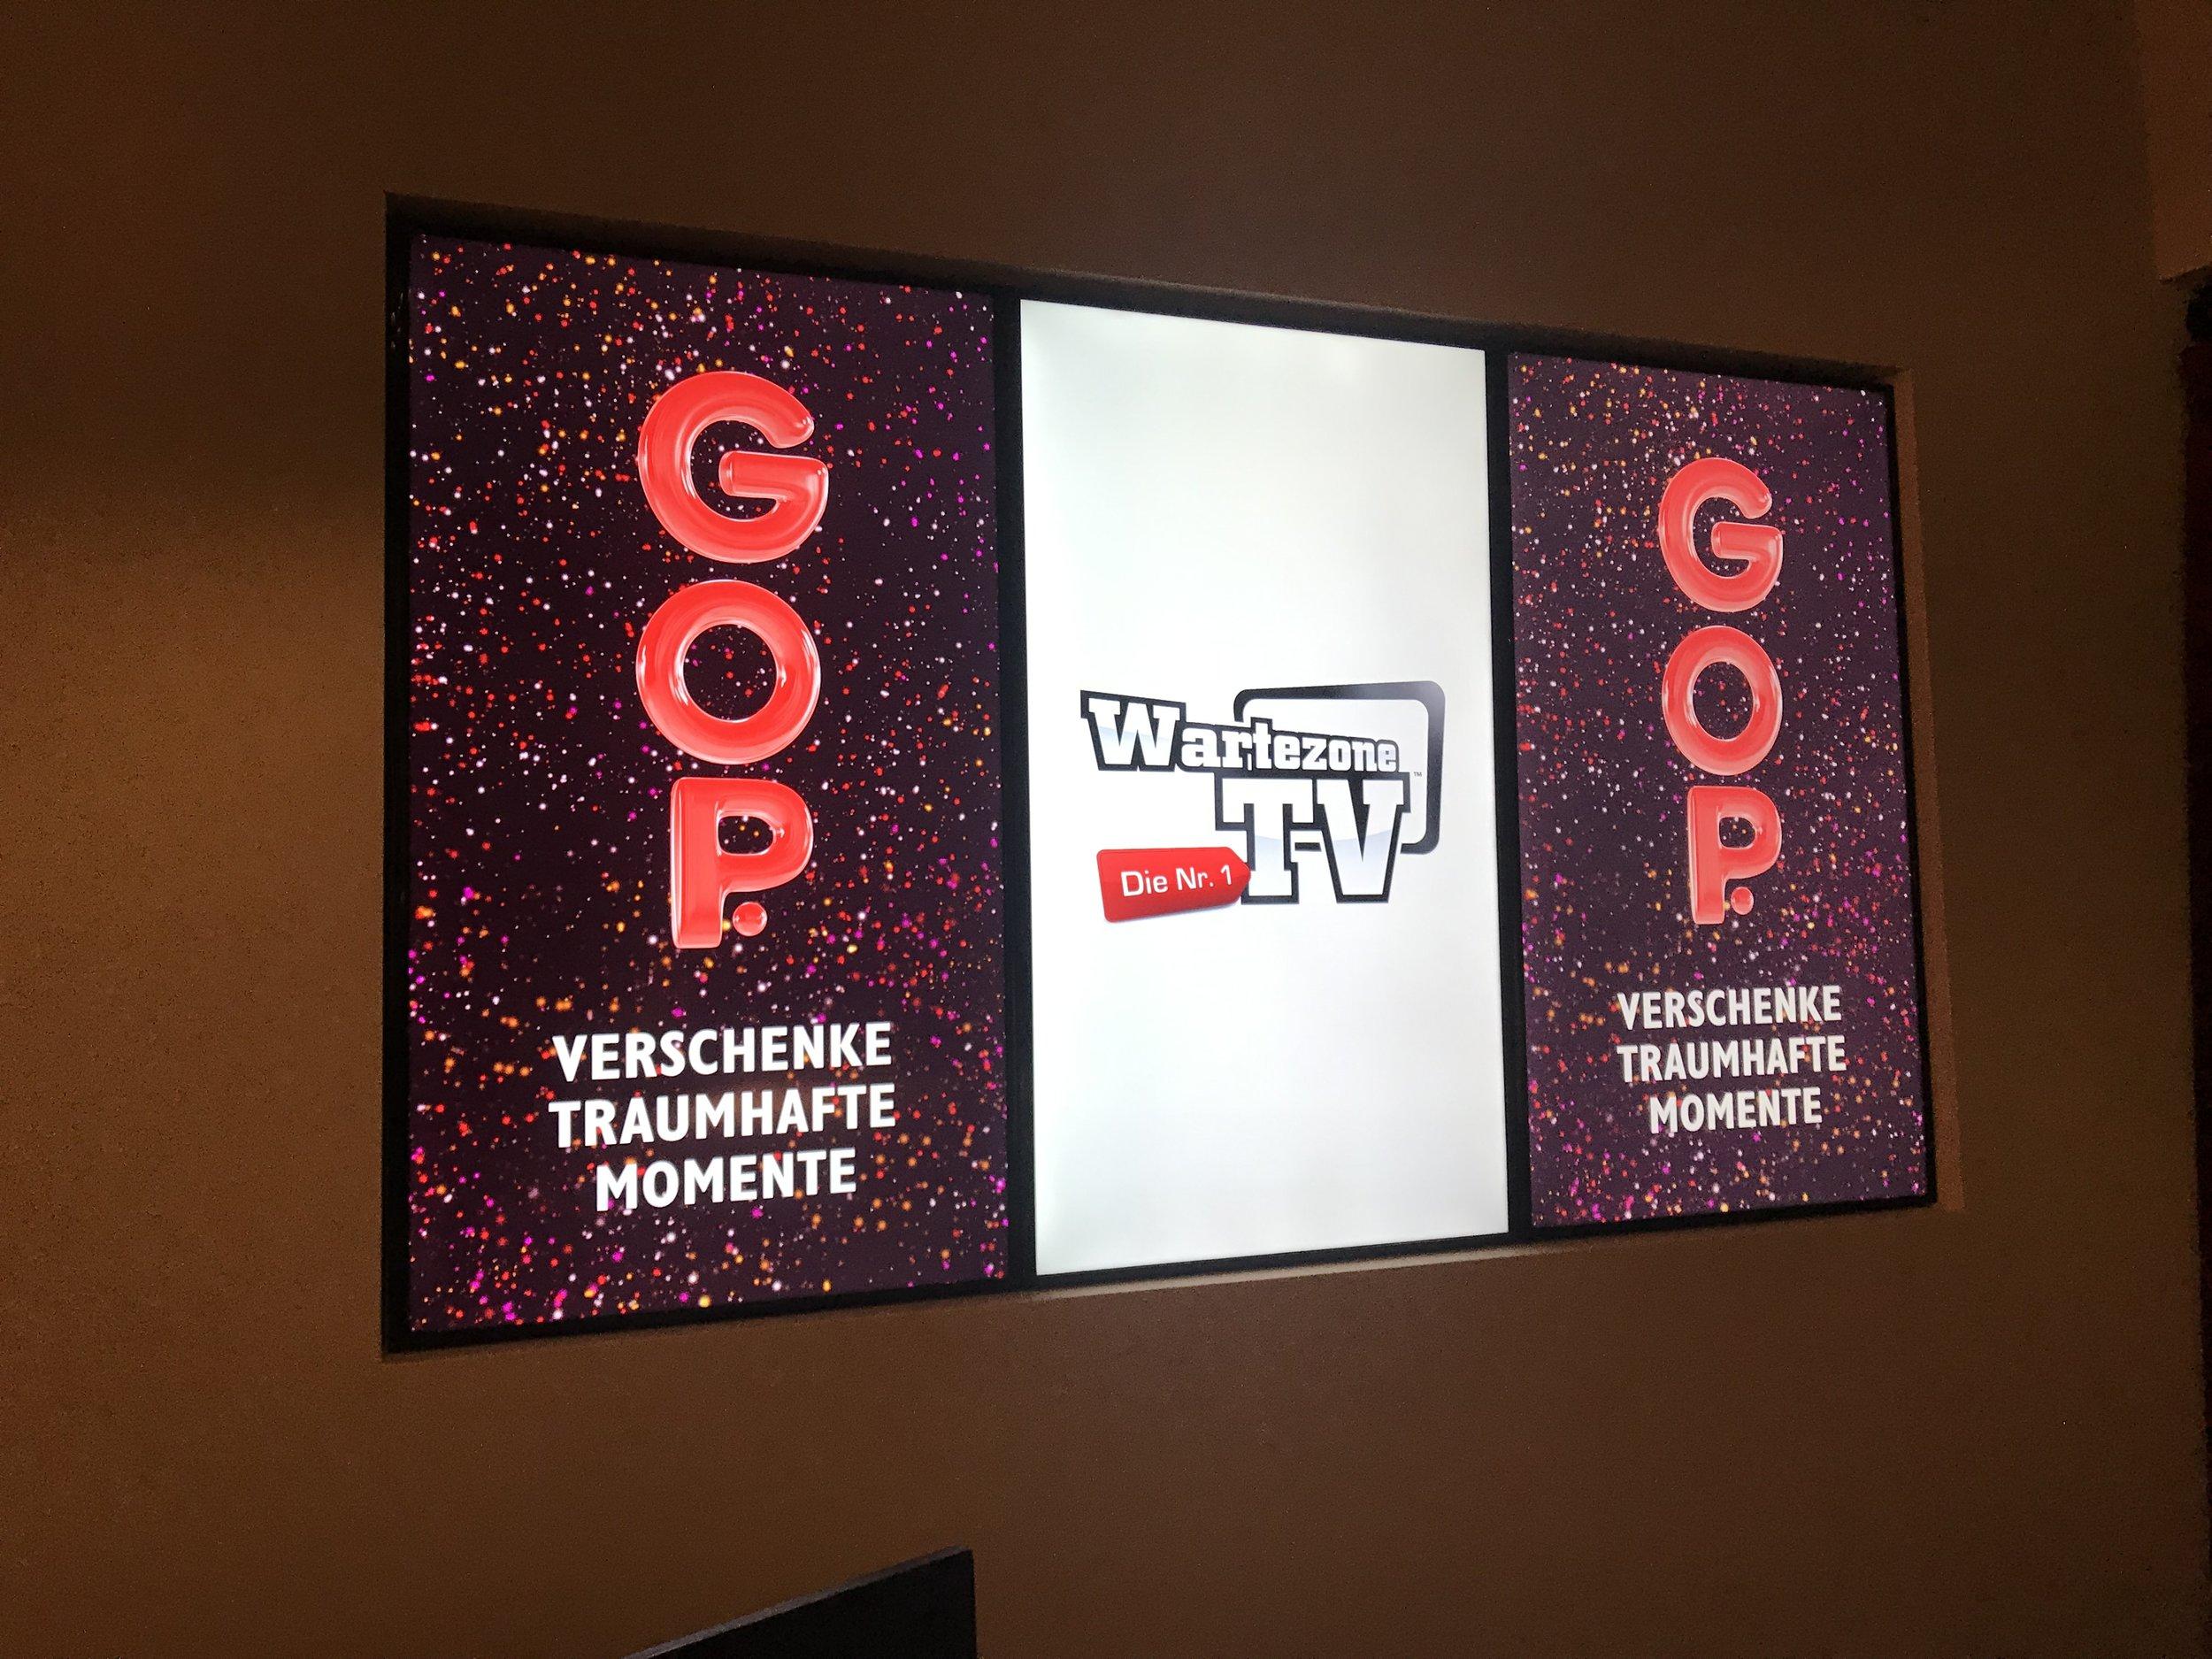 Wartezone TV GOP